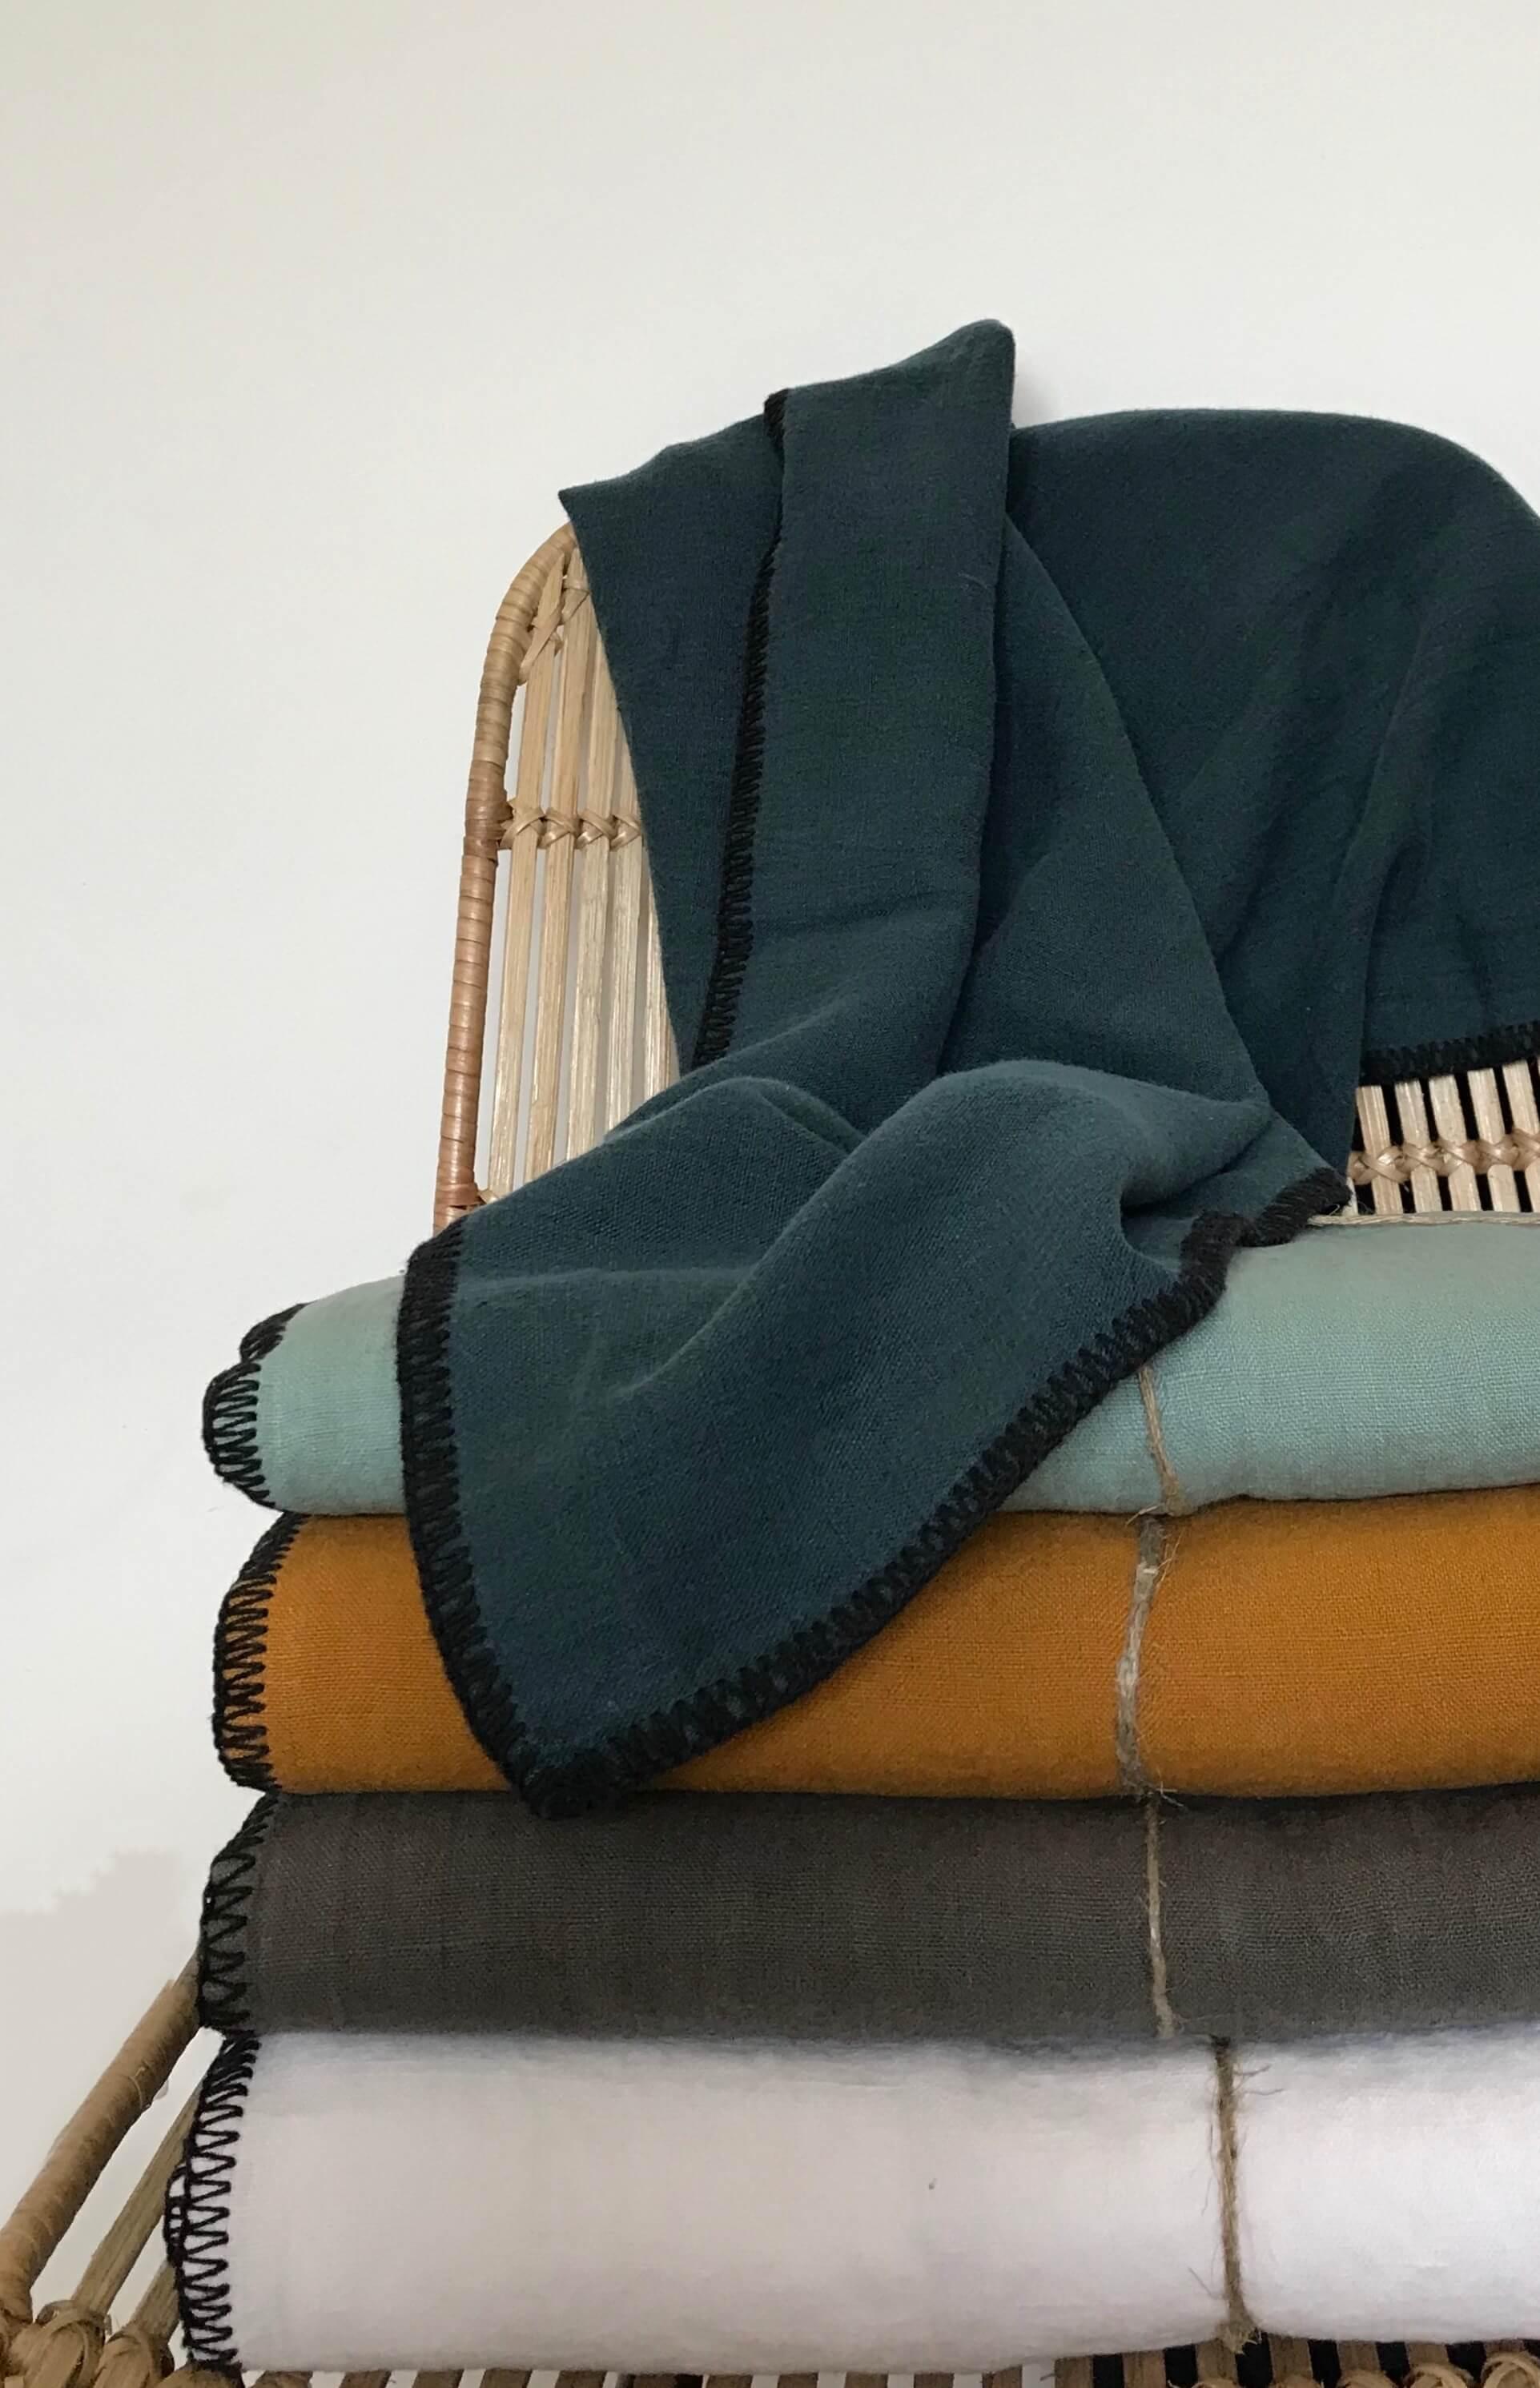 nappe en lin lav surpiq res noires 170 x 300 cm existe en diff rents coloris maison saint sa. Black Bedroom Furniture Sets. Home Design Ideas